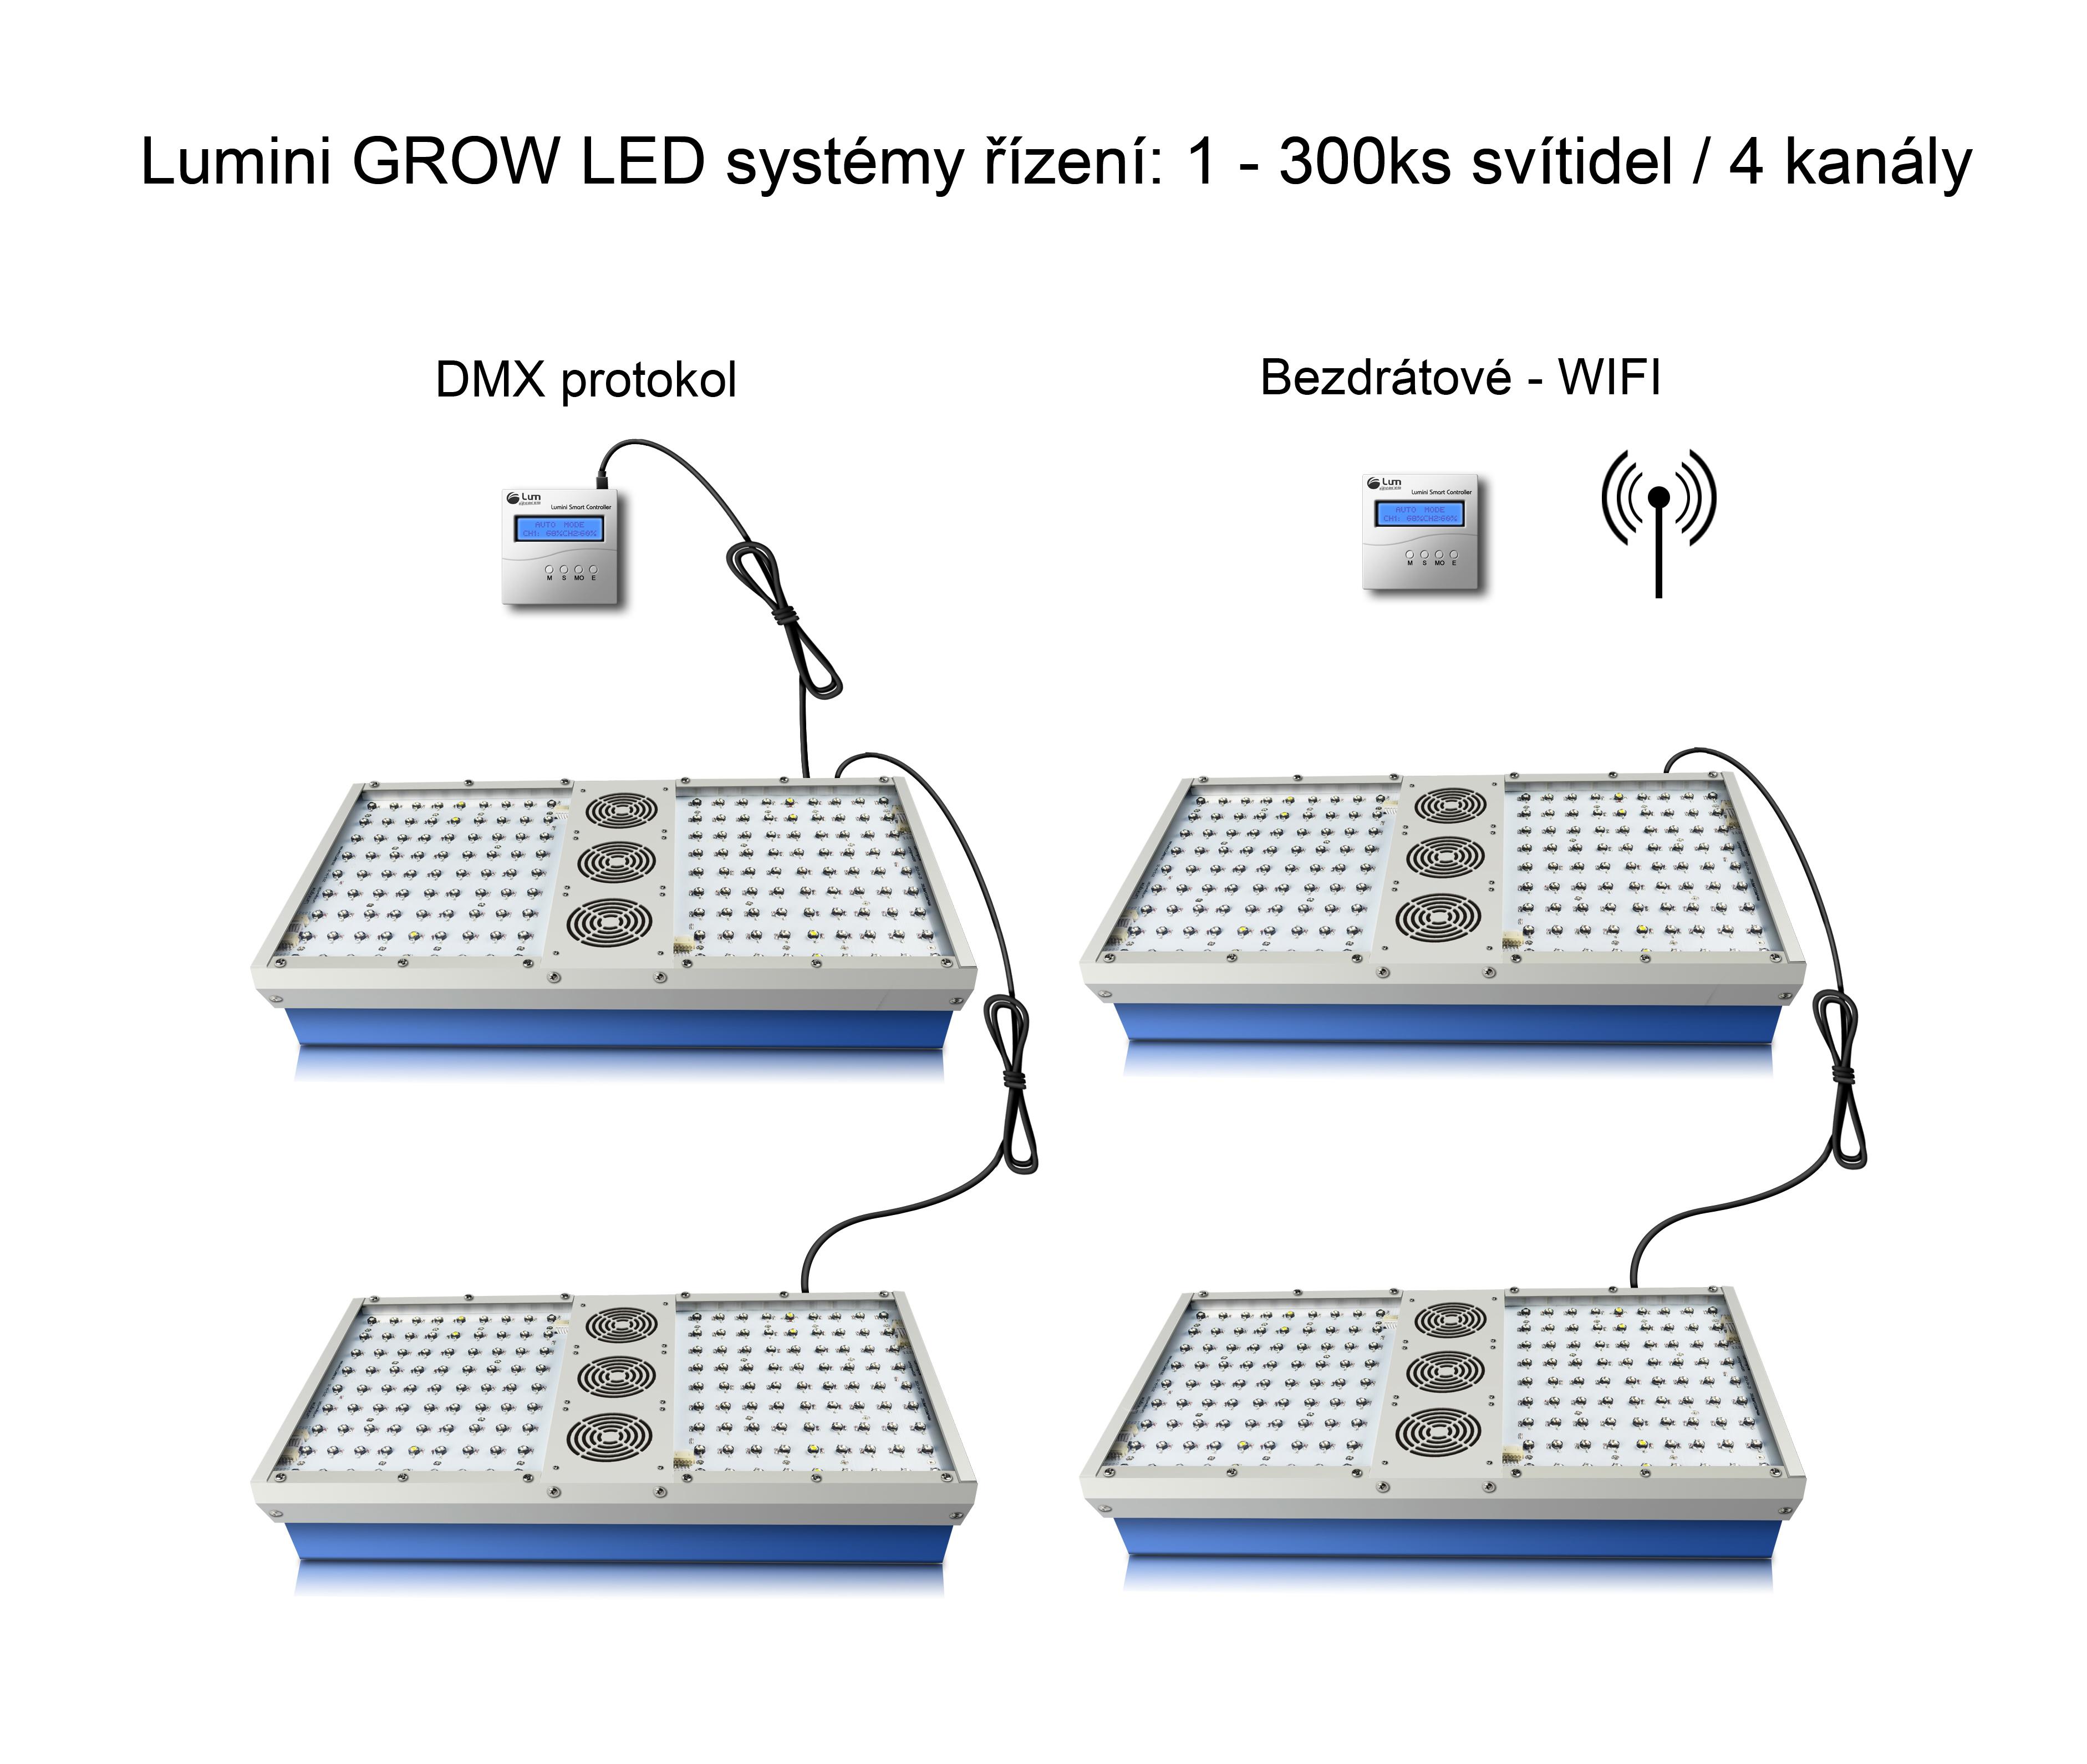 LUMINI_GROW_LED_600R1_04